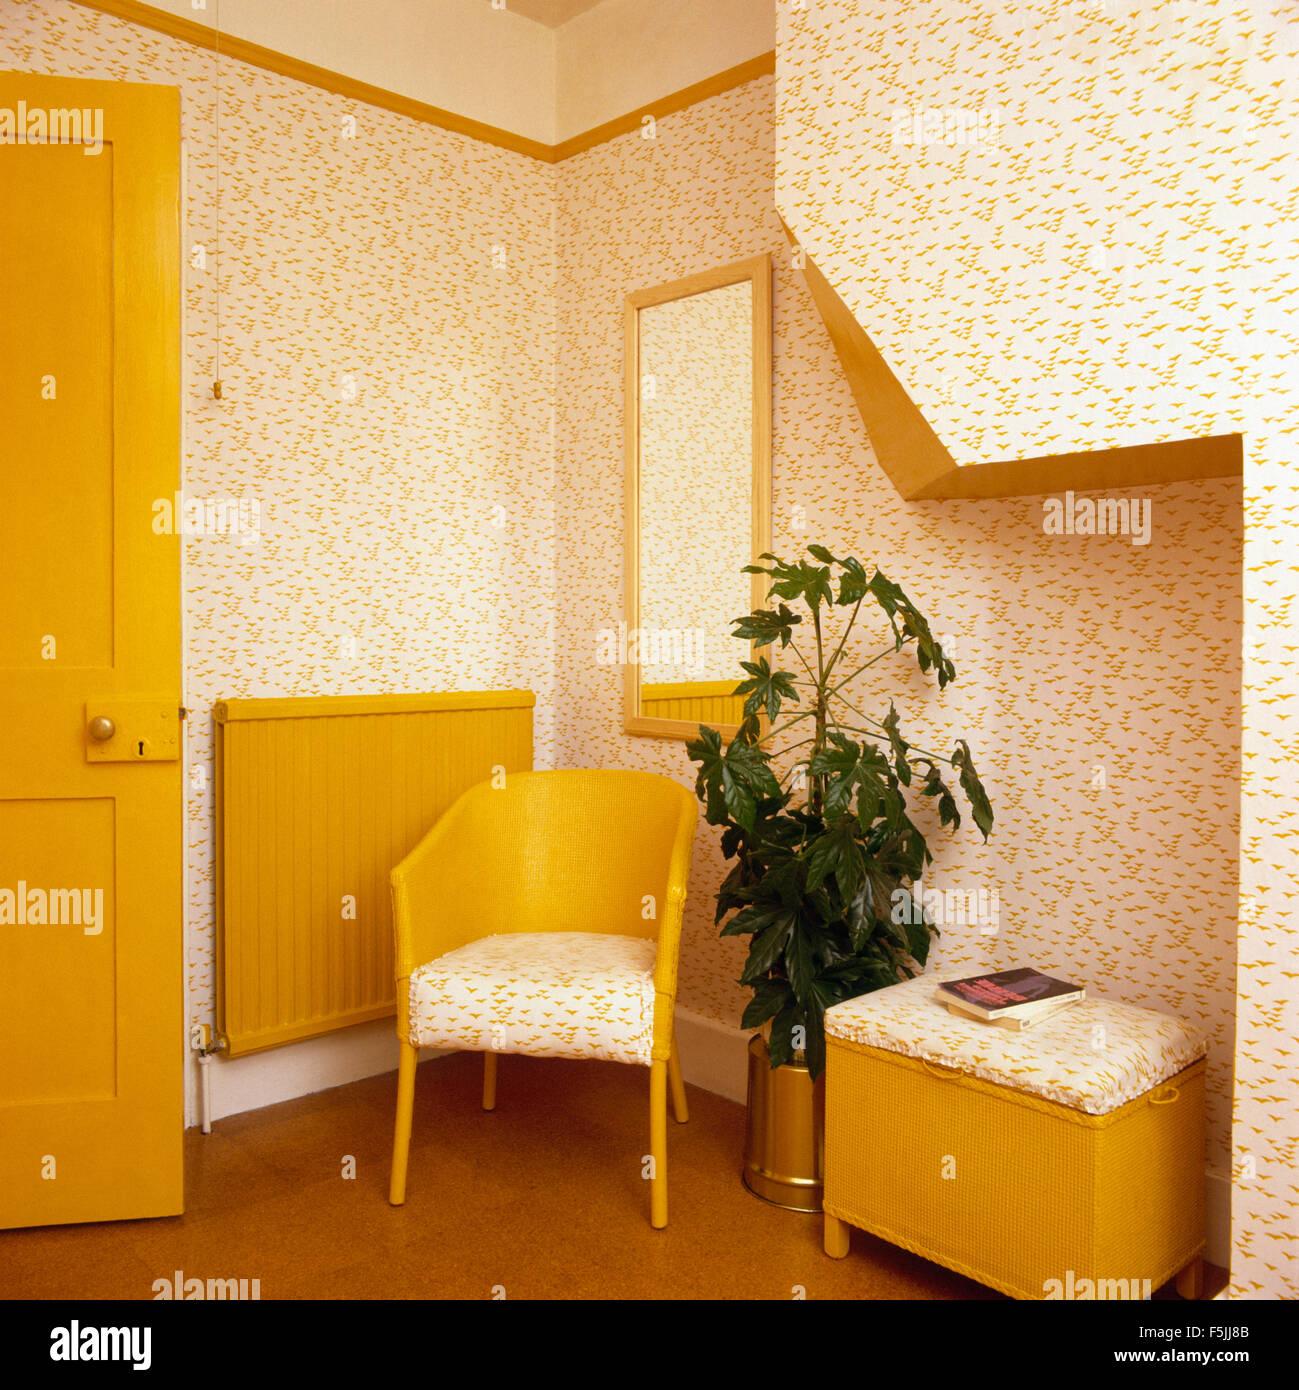 Gelb lackiert Lloyd Loom Stuhl und Wäschekorb in einem 70er Jahre ...